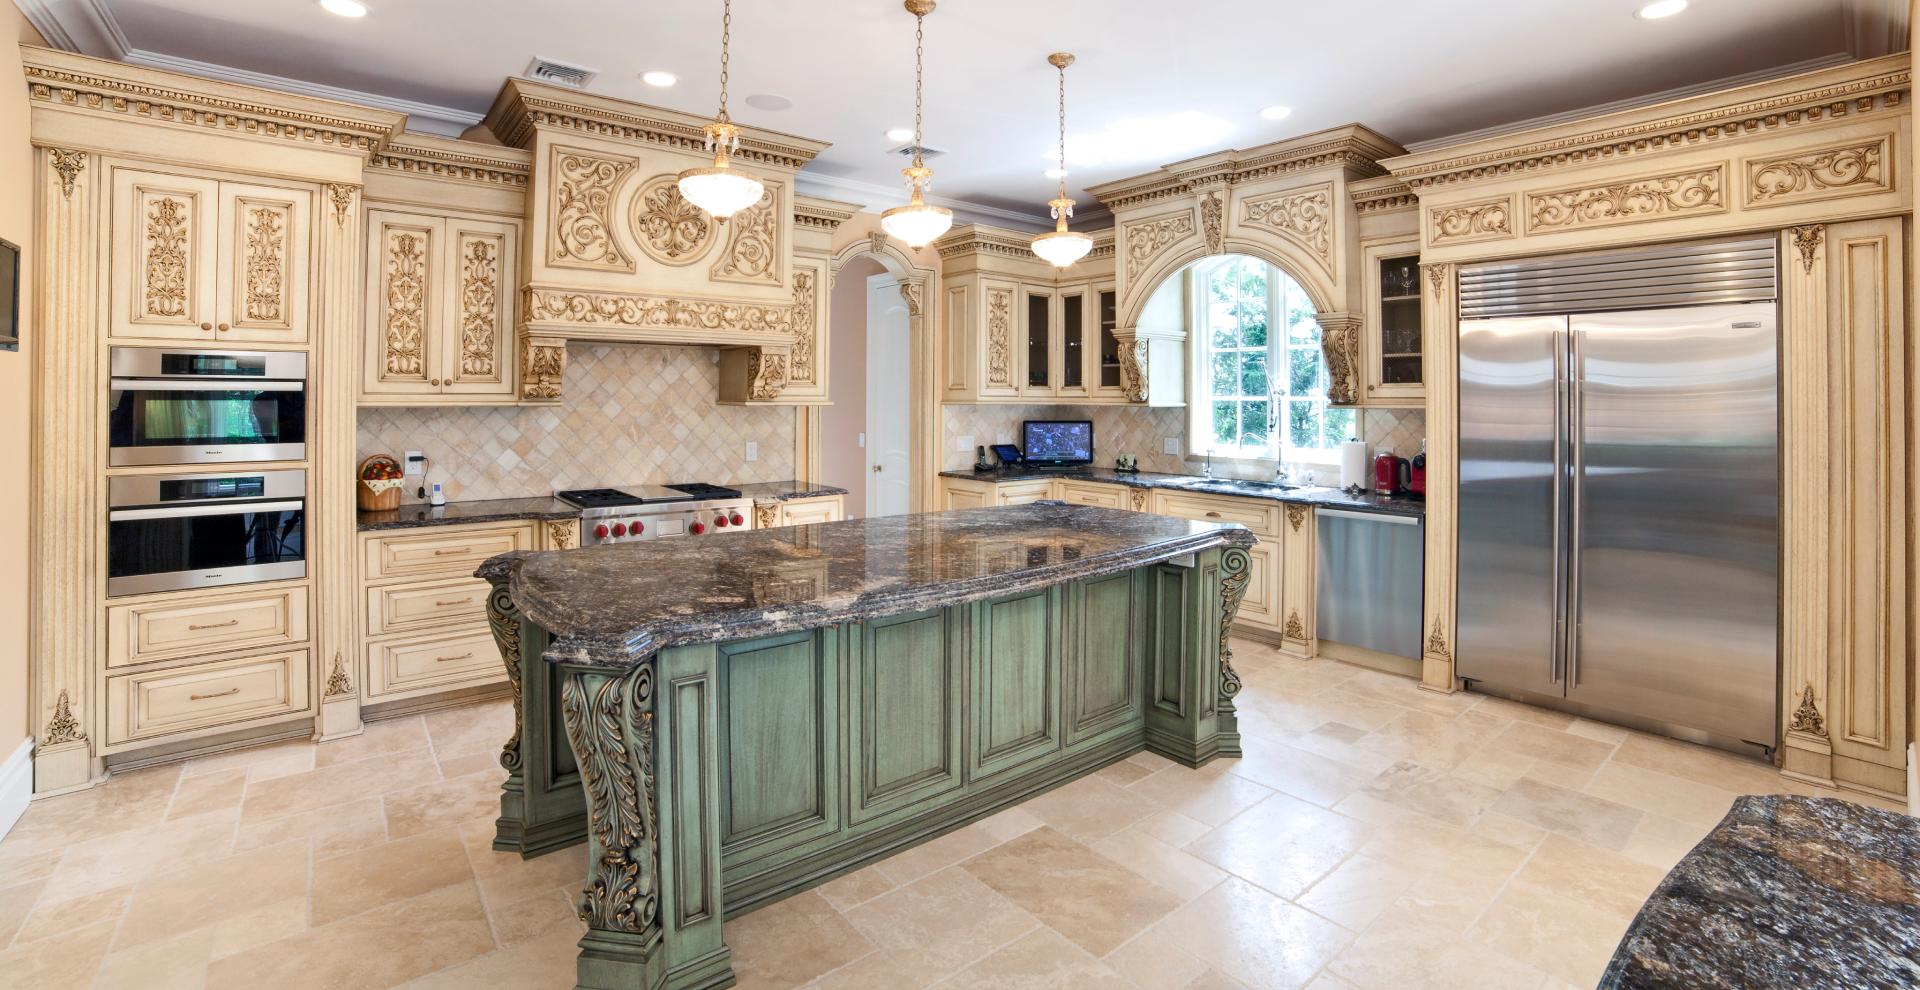 Two-toned patina kitchen Whitestone, NY